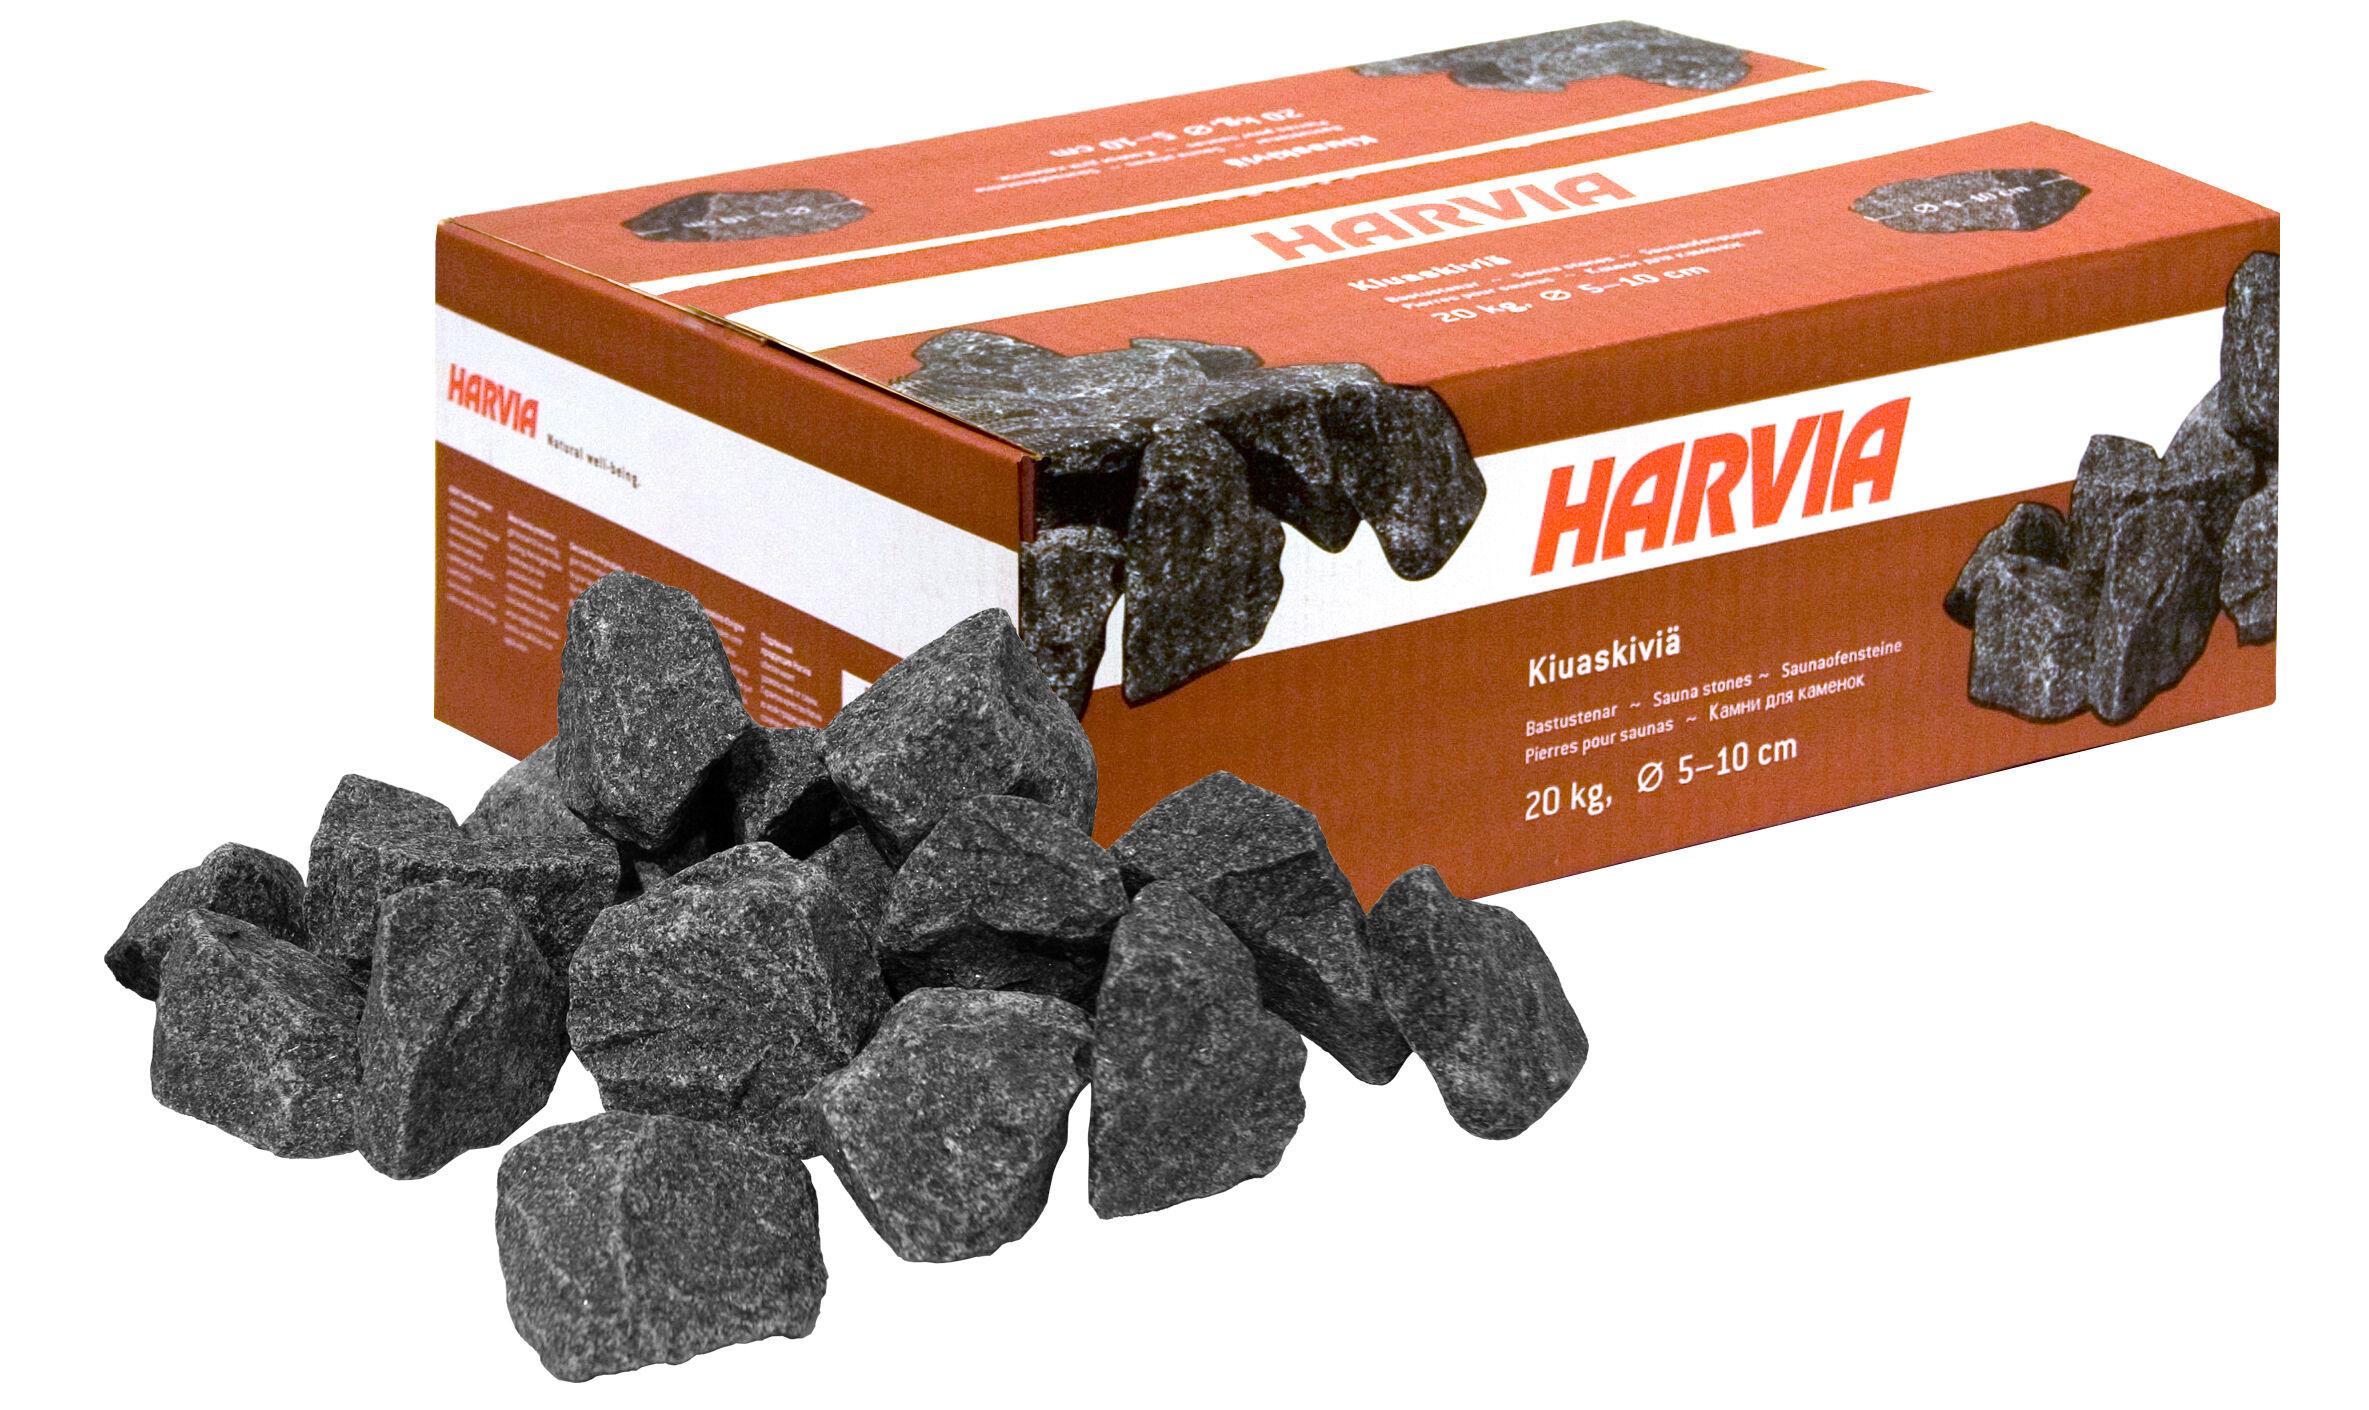 HARVIA Pierres pour poêle électrique 20 kg 5-10 cm